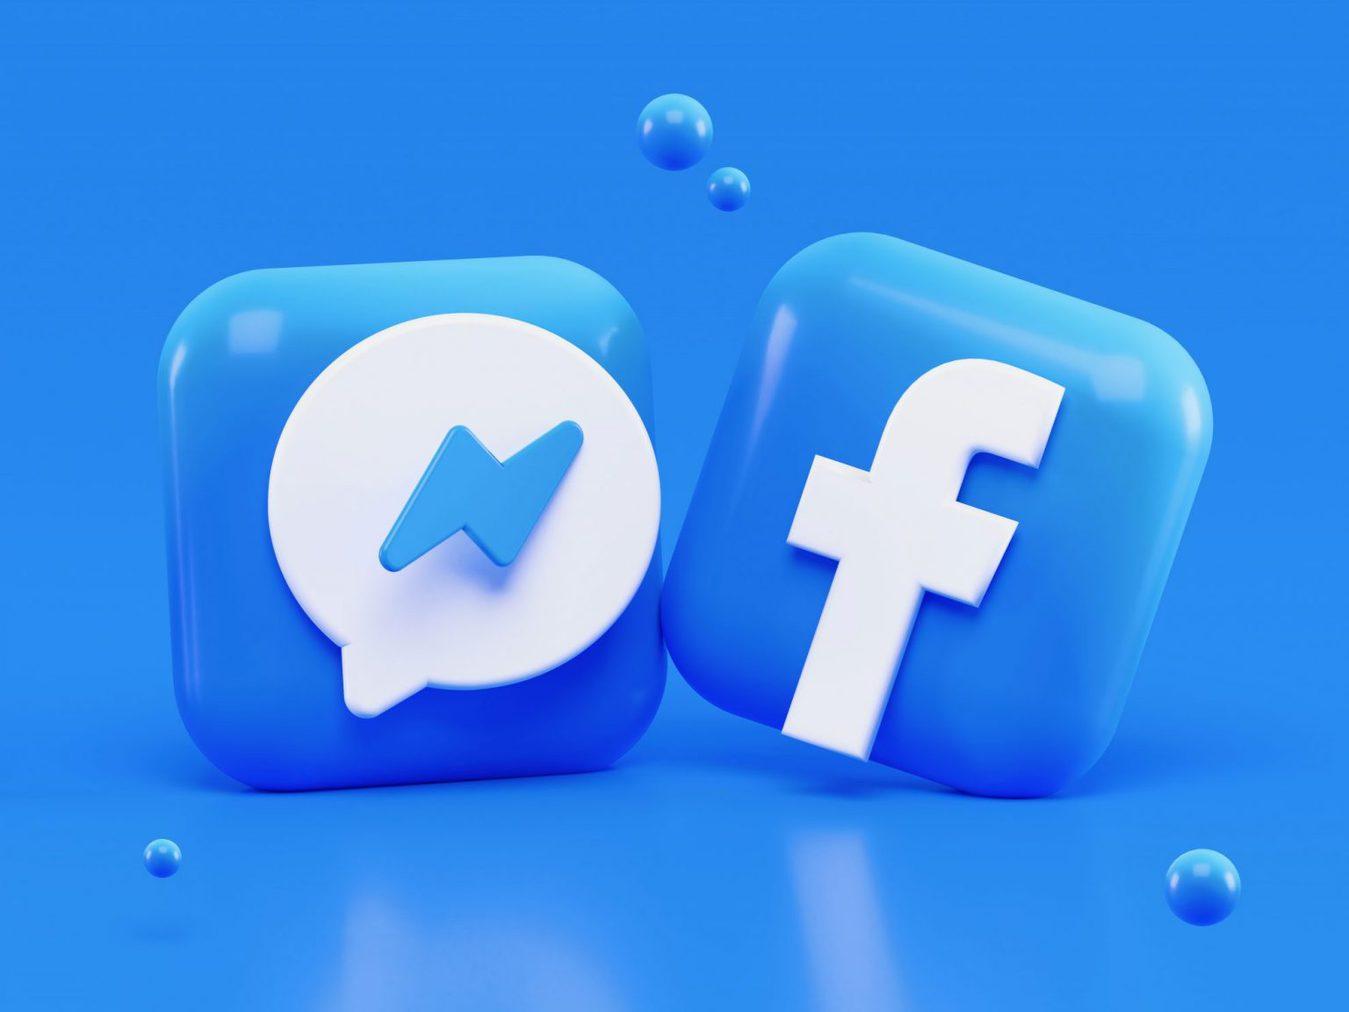 Icone Facebook in 3D